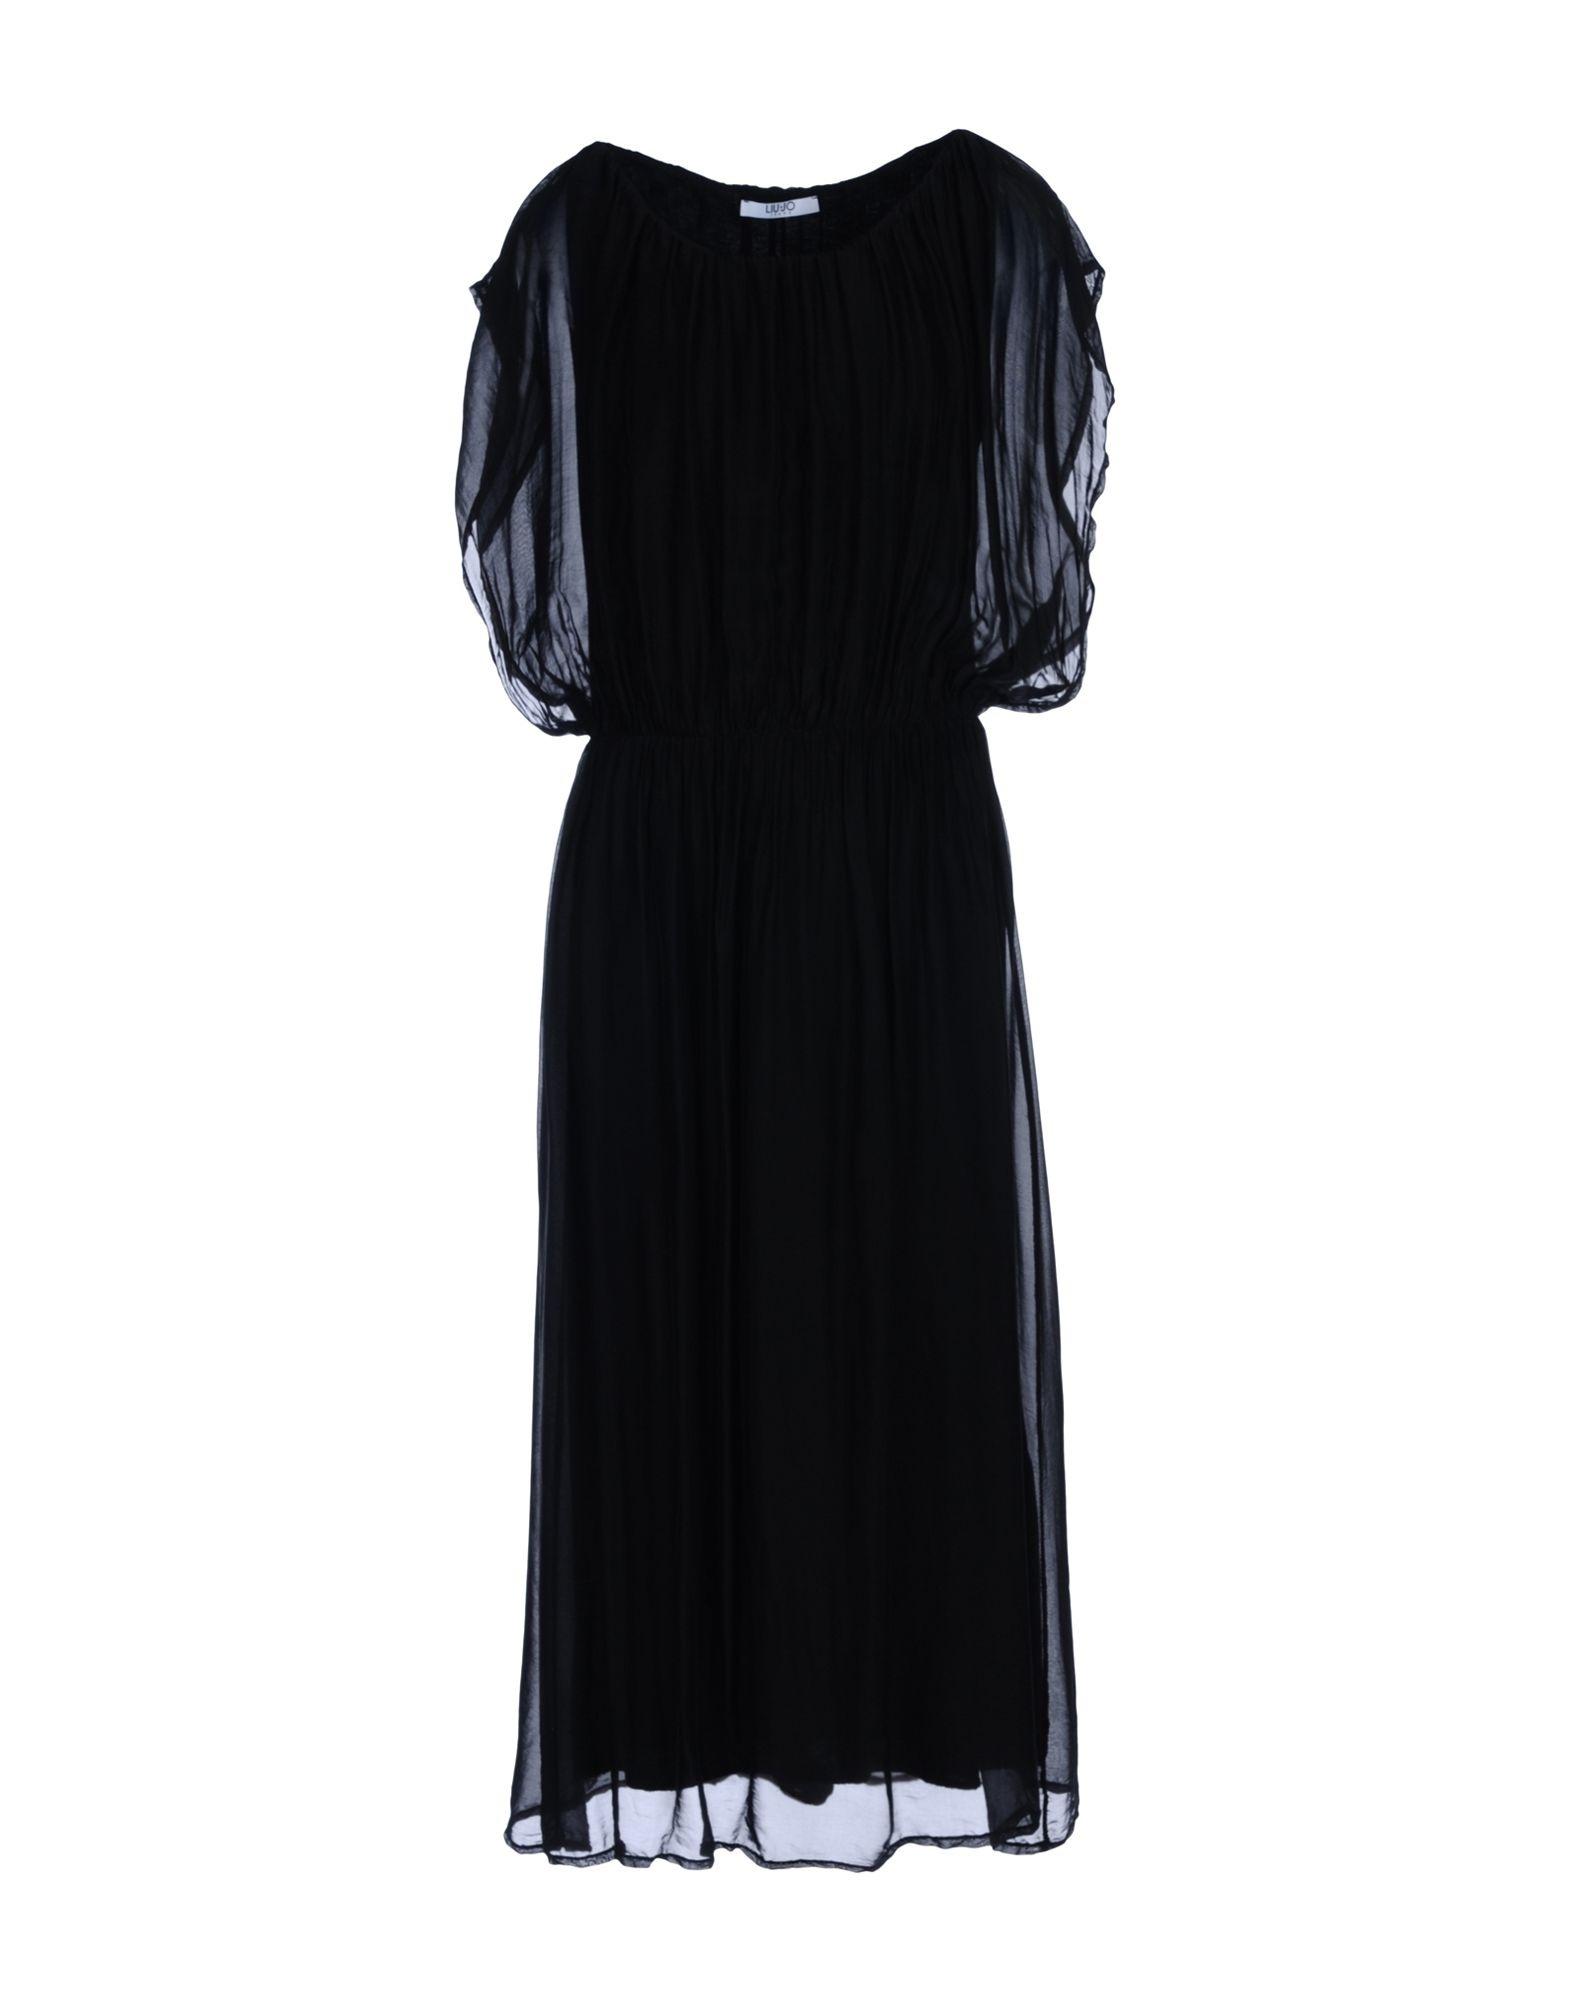 15 Leicht Kleid Midi Schwarz Galerie17 Erstaunlich Kleid Midi Schwarz Design